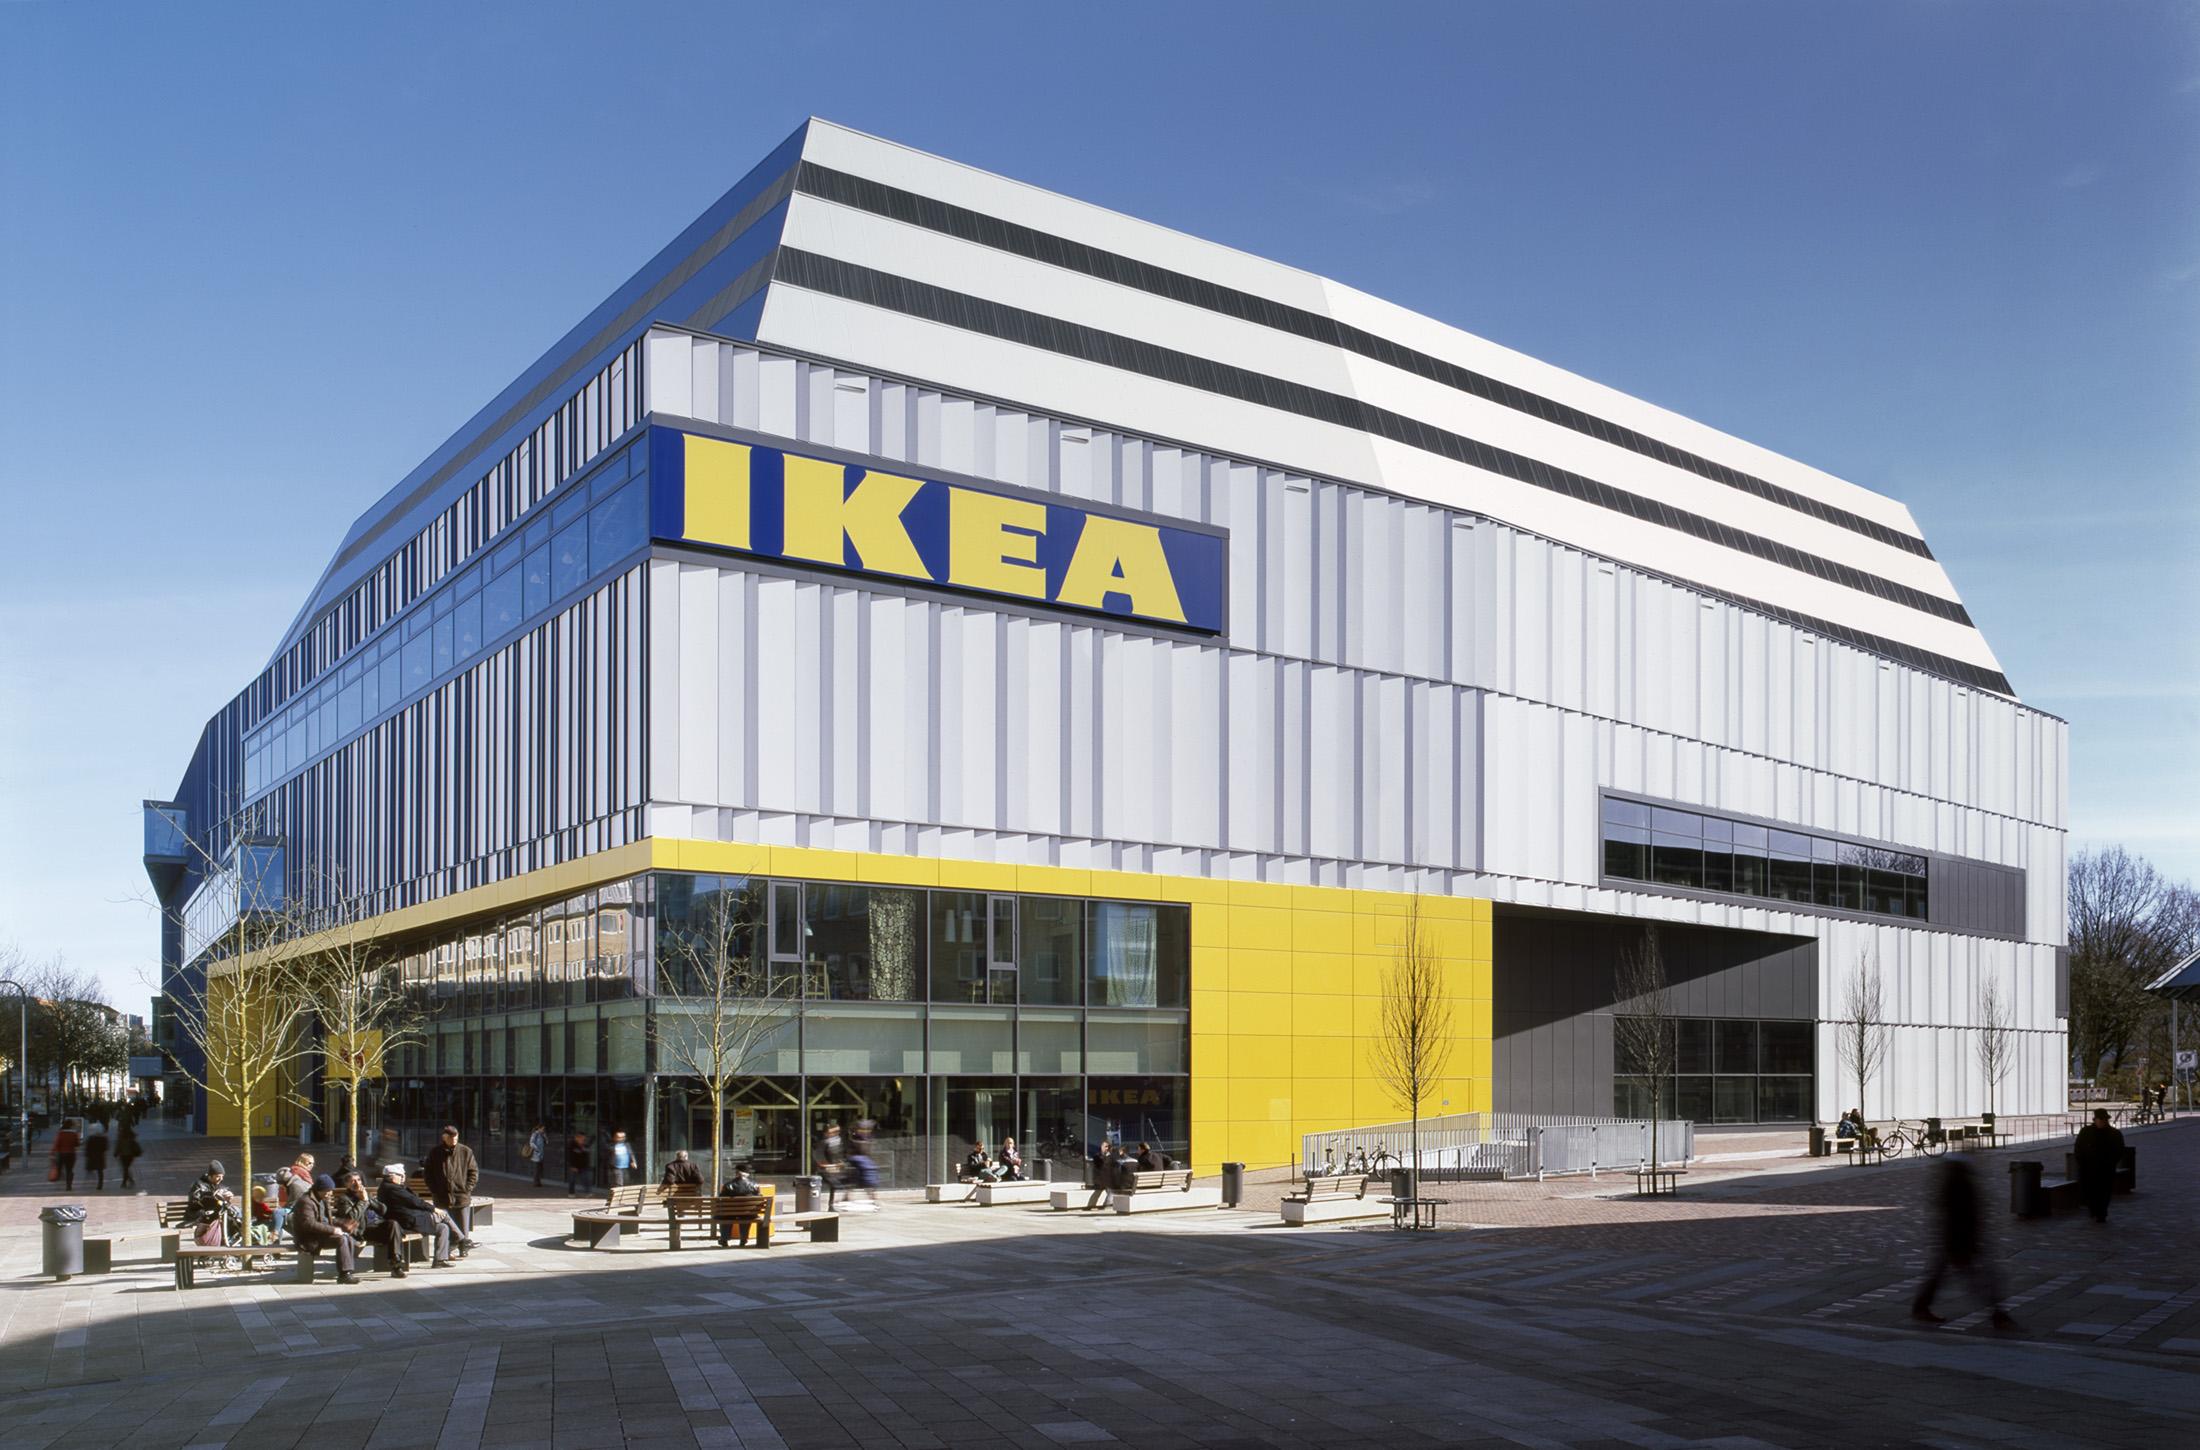 Ikea Möbel Einrichtungshaus Hamburg Altona Hamburg : ikea altona hamburg dfz architekten ~ A.2002-acura-tl-radio.info Haus und Dekorationen